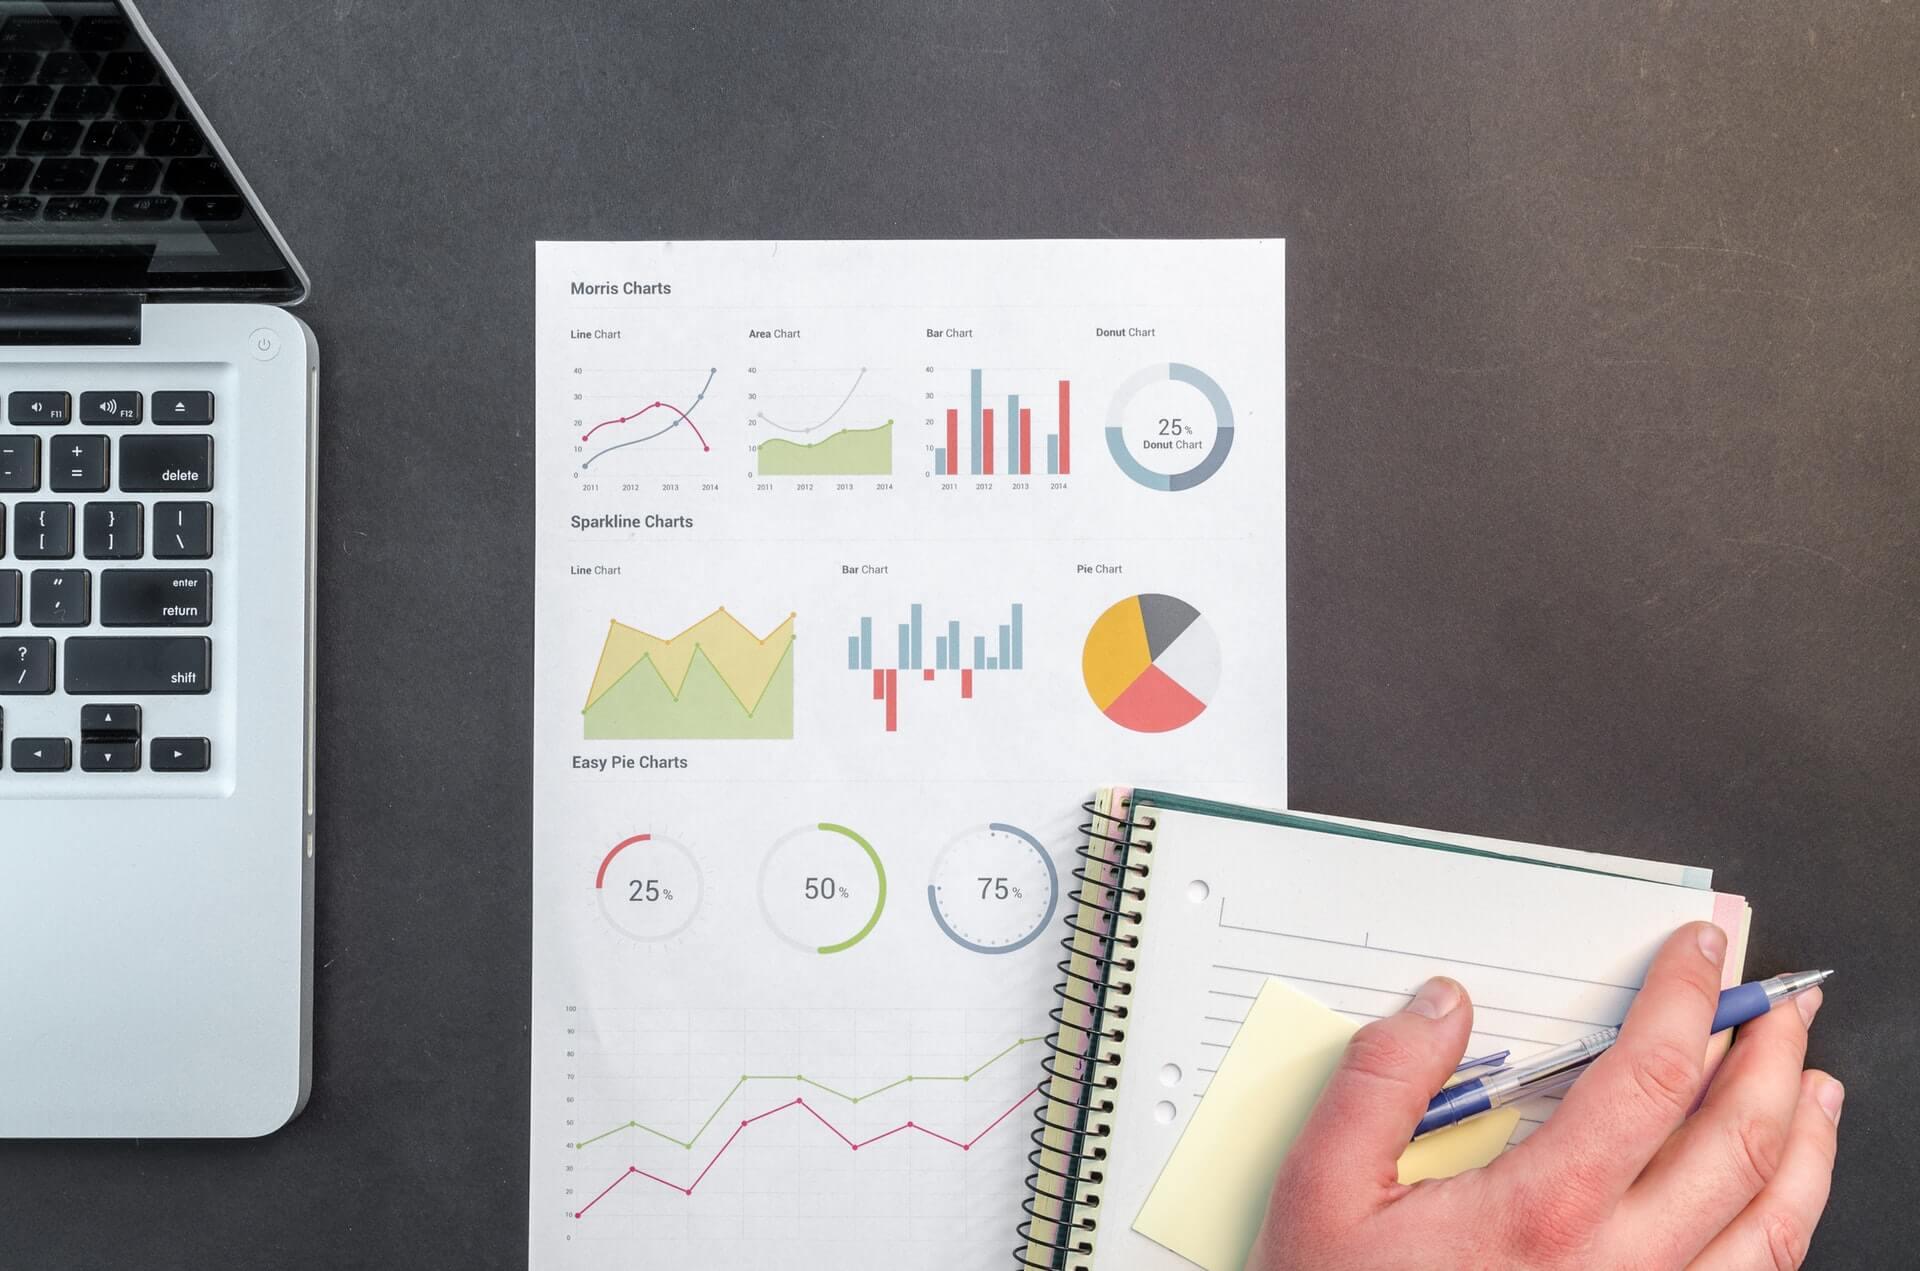 So verbessern Sie Ihr Digital-Marketing-Game